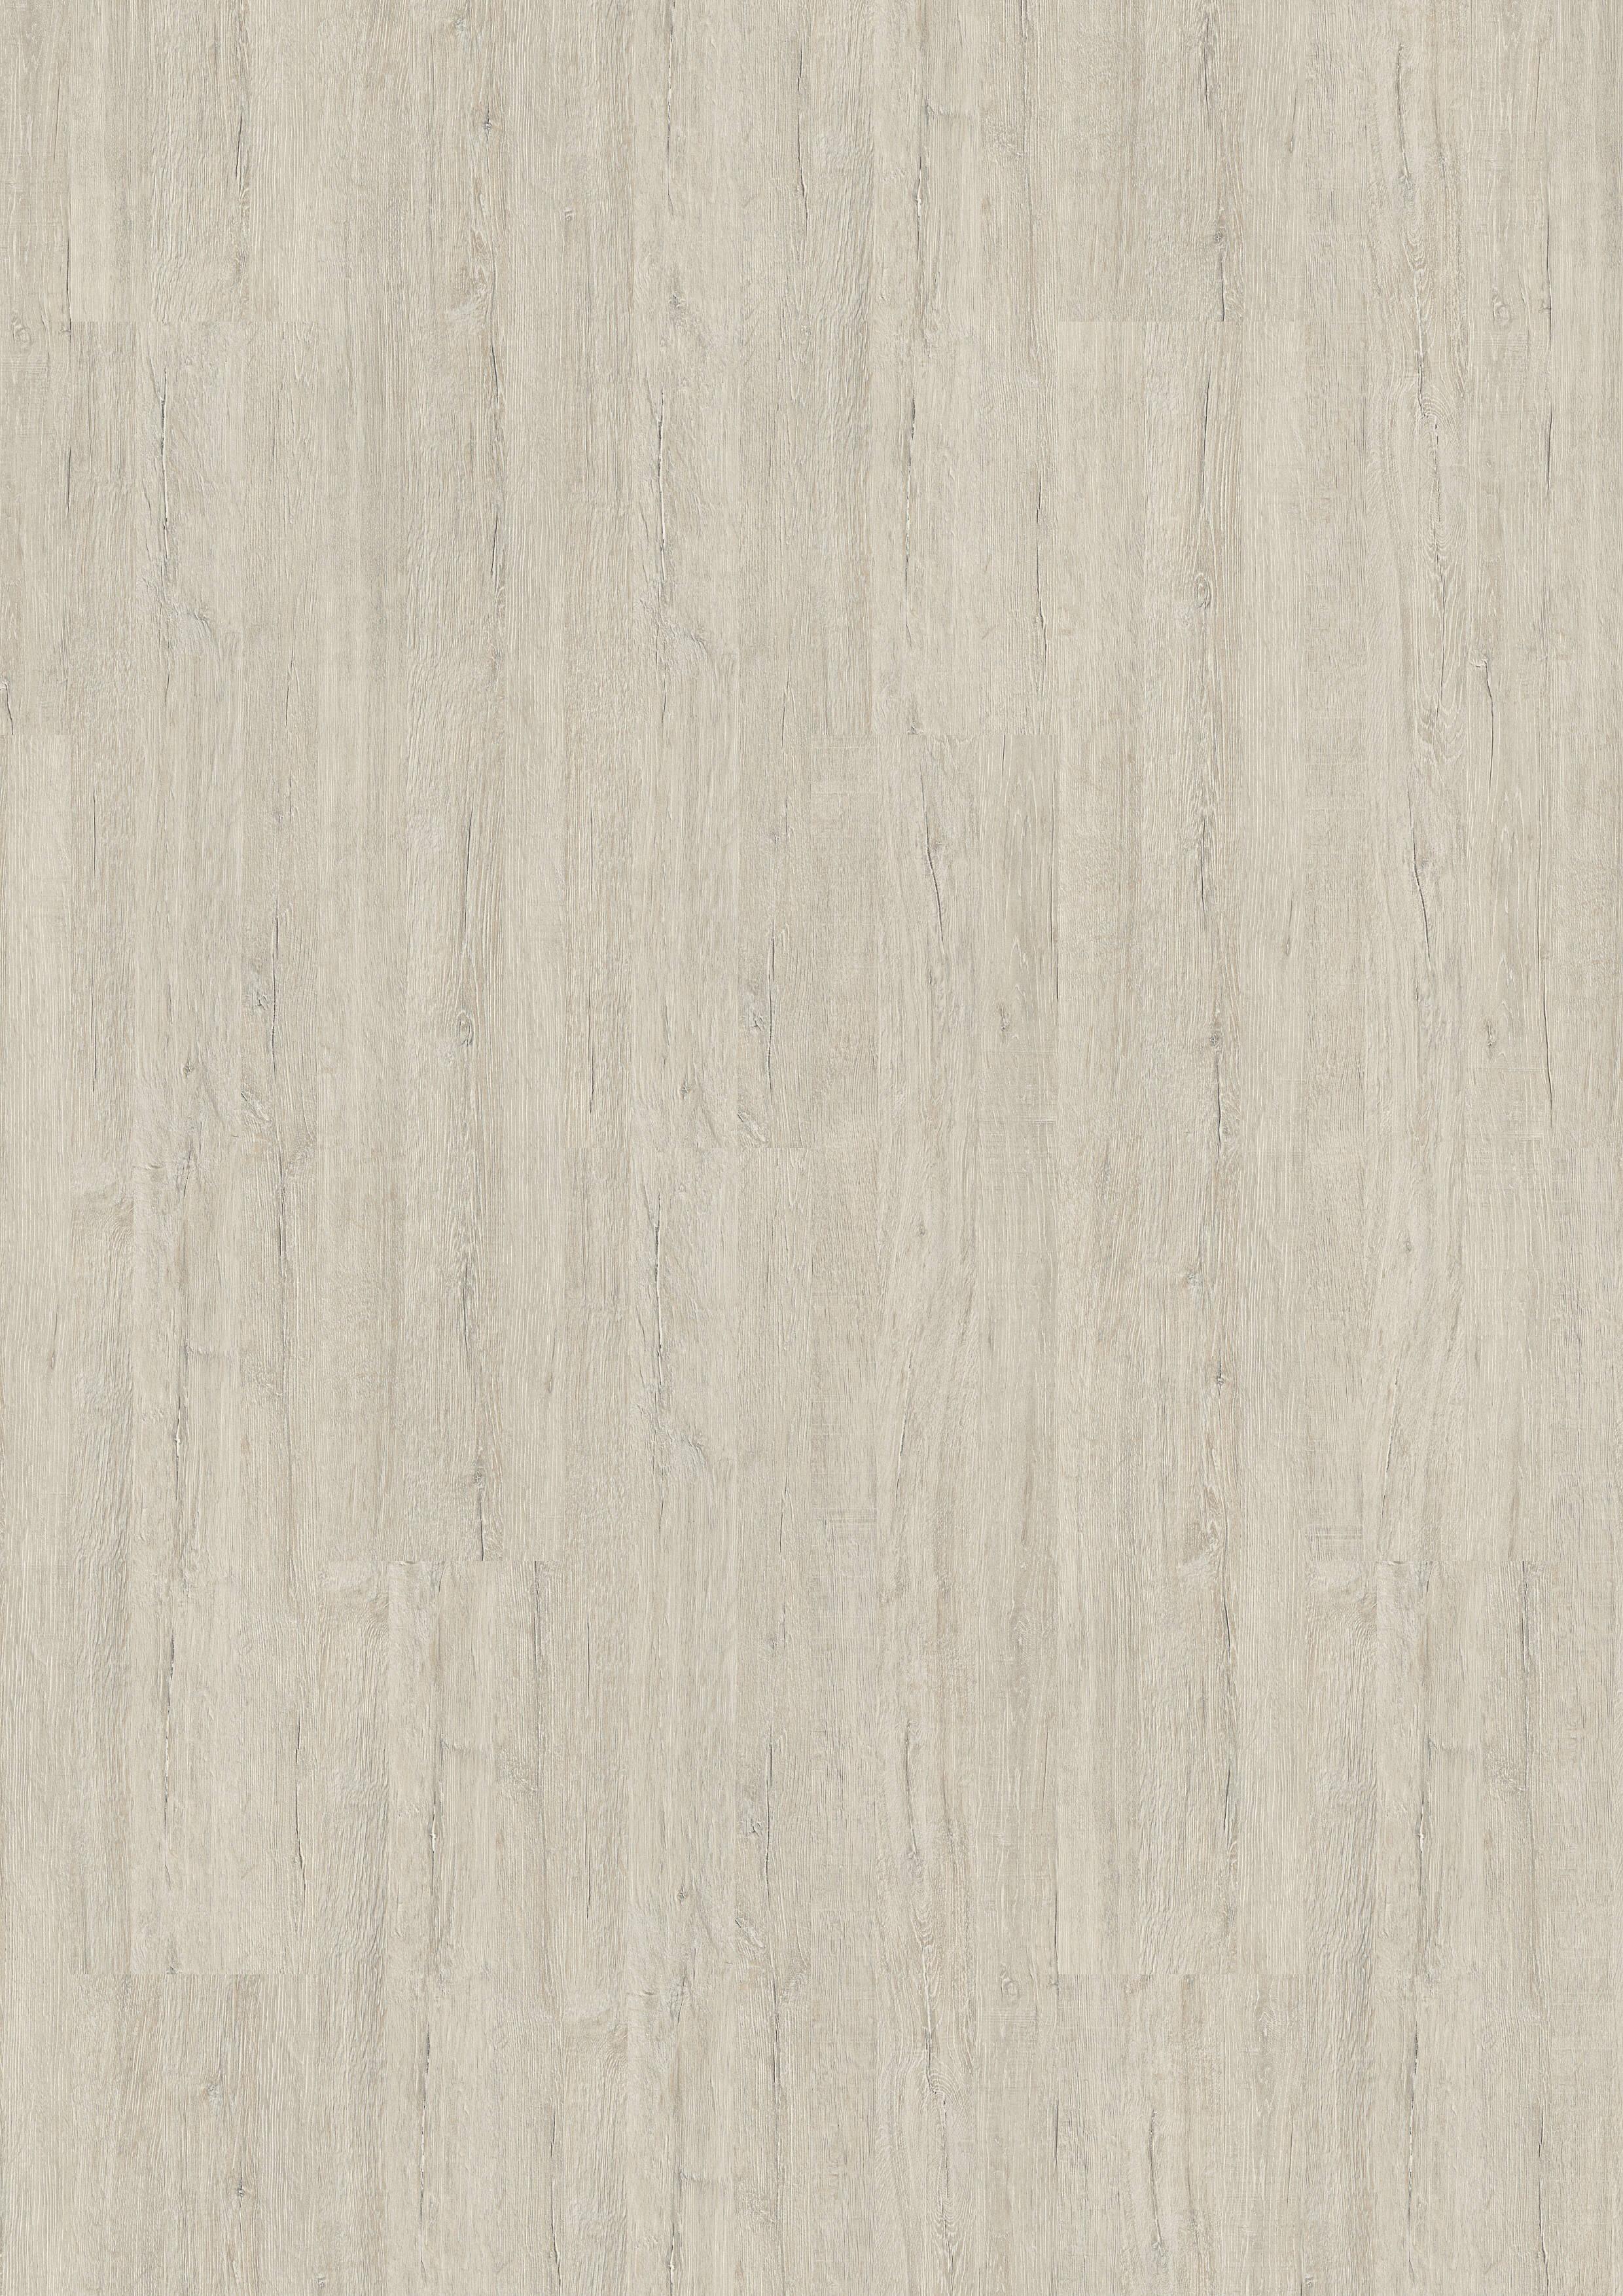 JOKA Classic MADISON 331 Laminat 3017 - Oak Whiteline